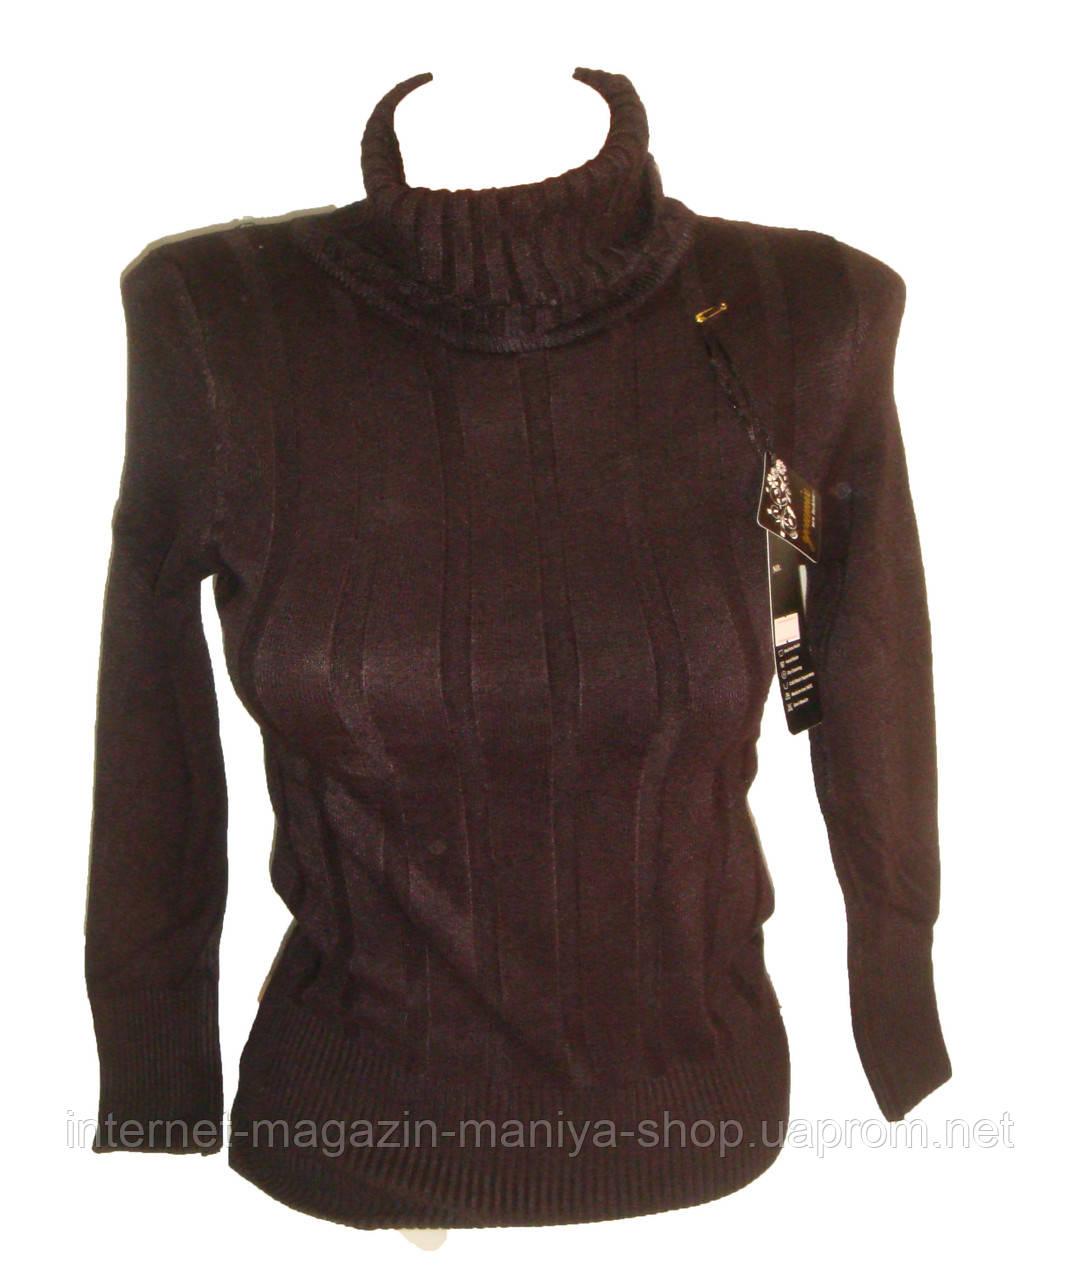 Сайт Женская Одежда Россия Доставка